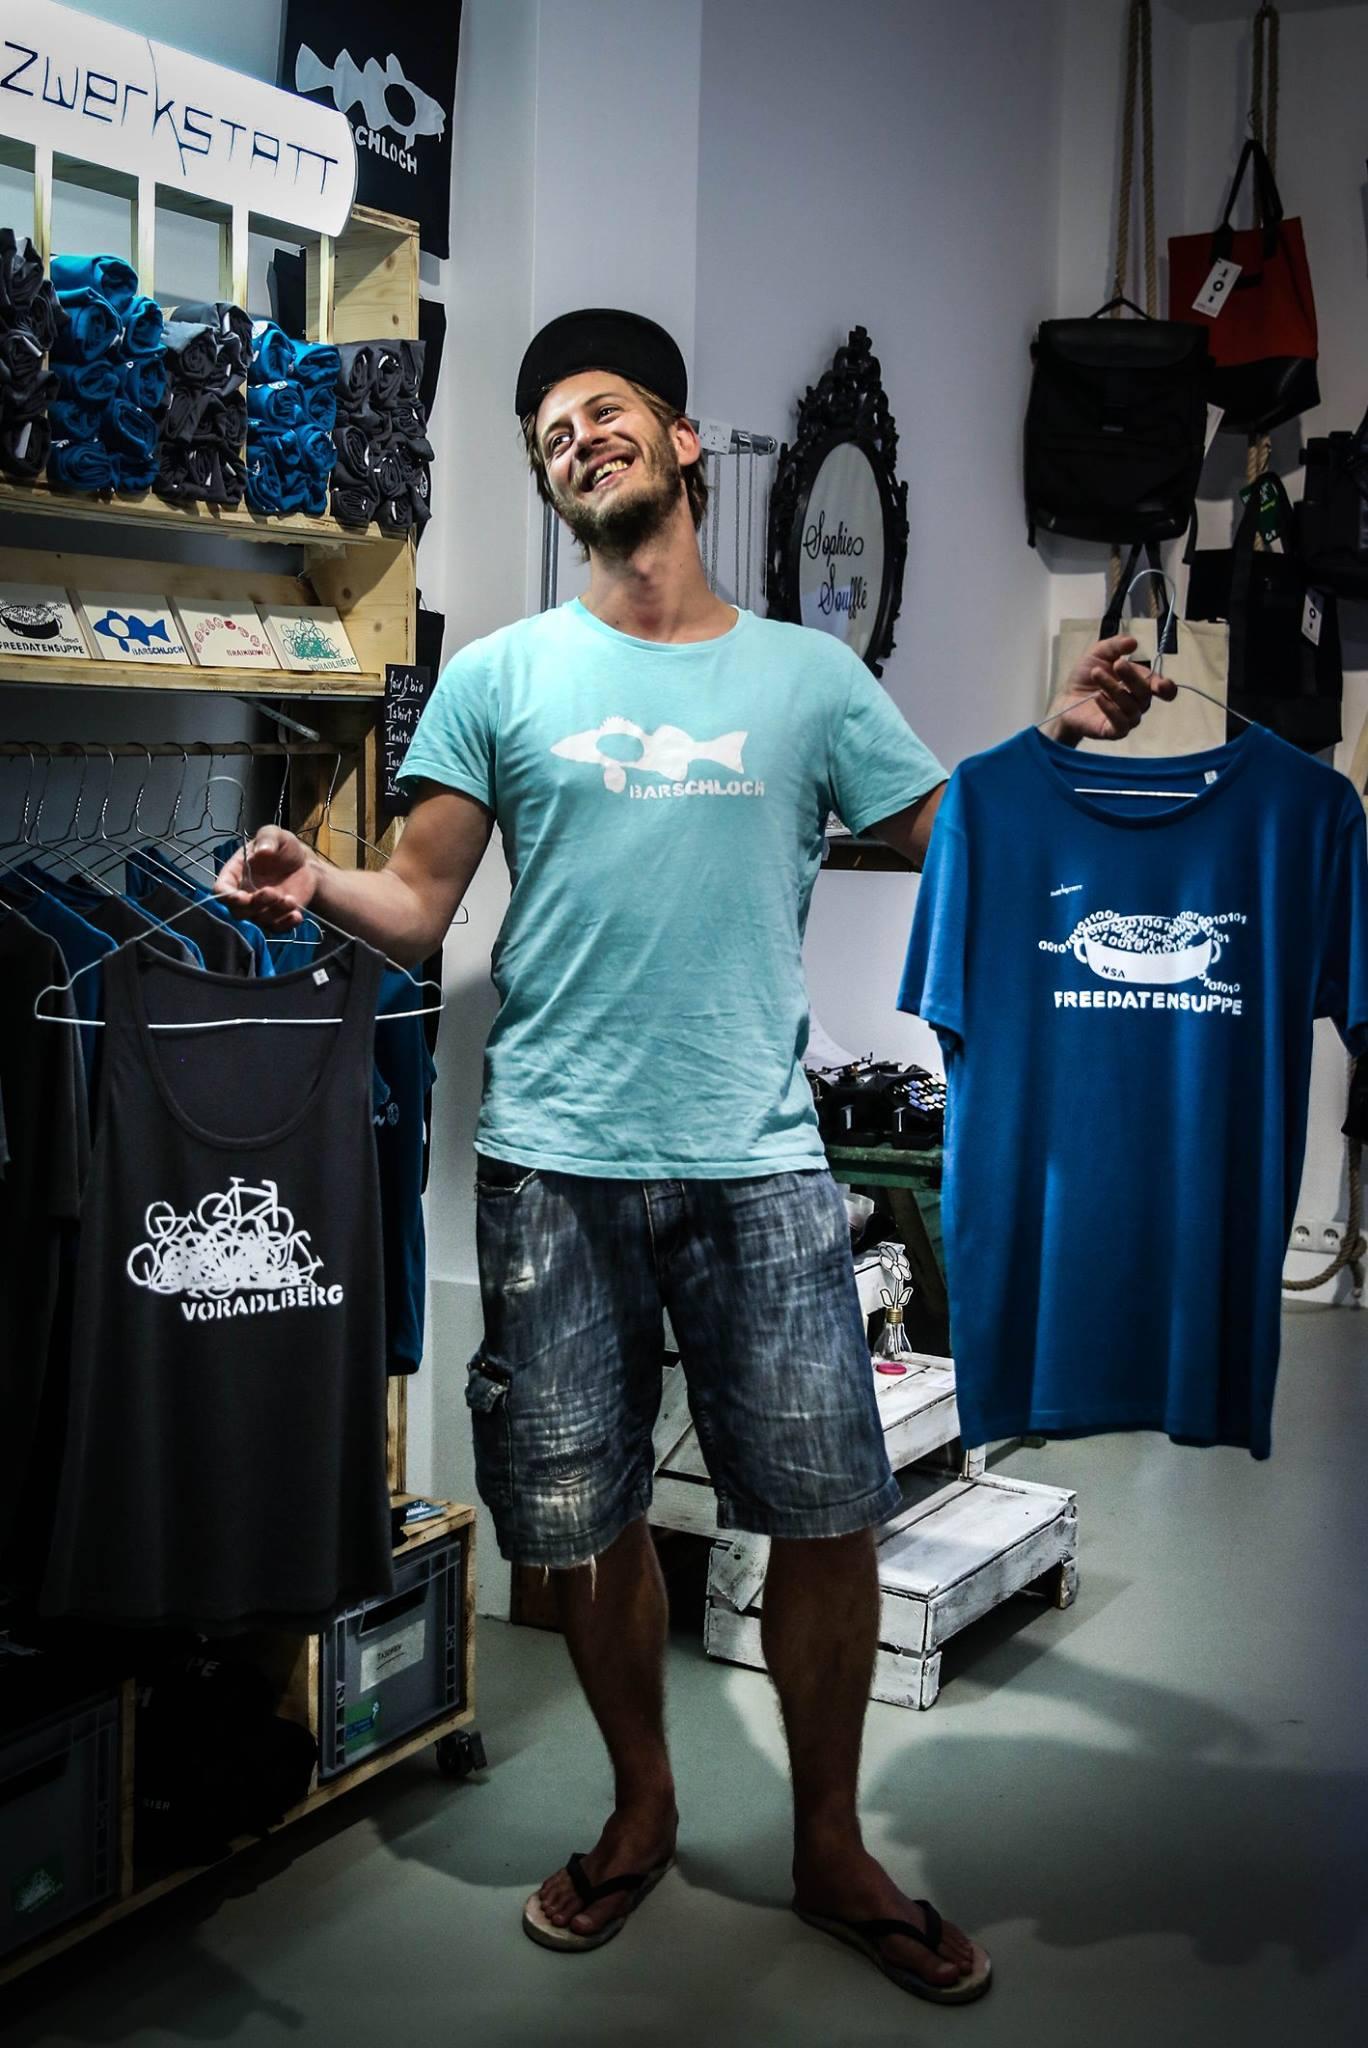 Die T-Shirts gibt es online, auf Messen oder einmal pro Woche direkt bei Bernd im 7. Bezirk zu kaufen. -Fotocredit: Zwerkstatt